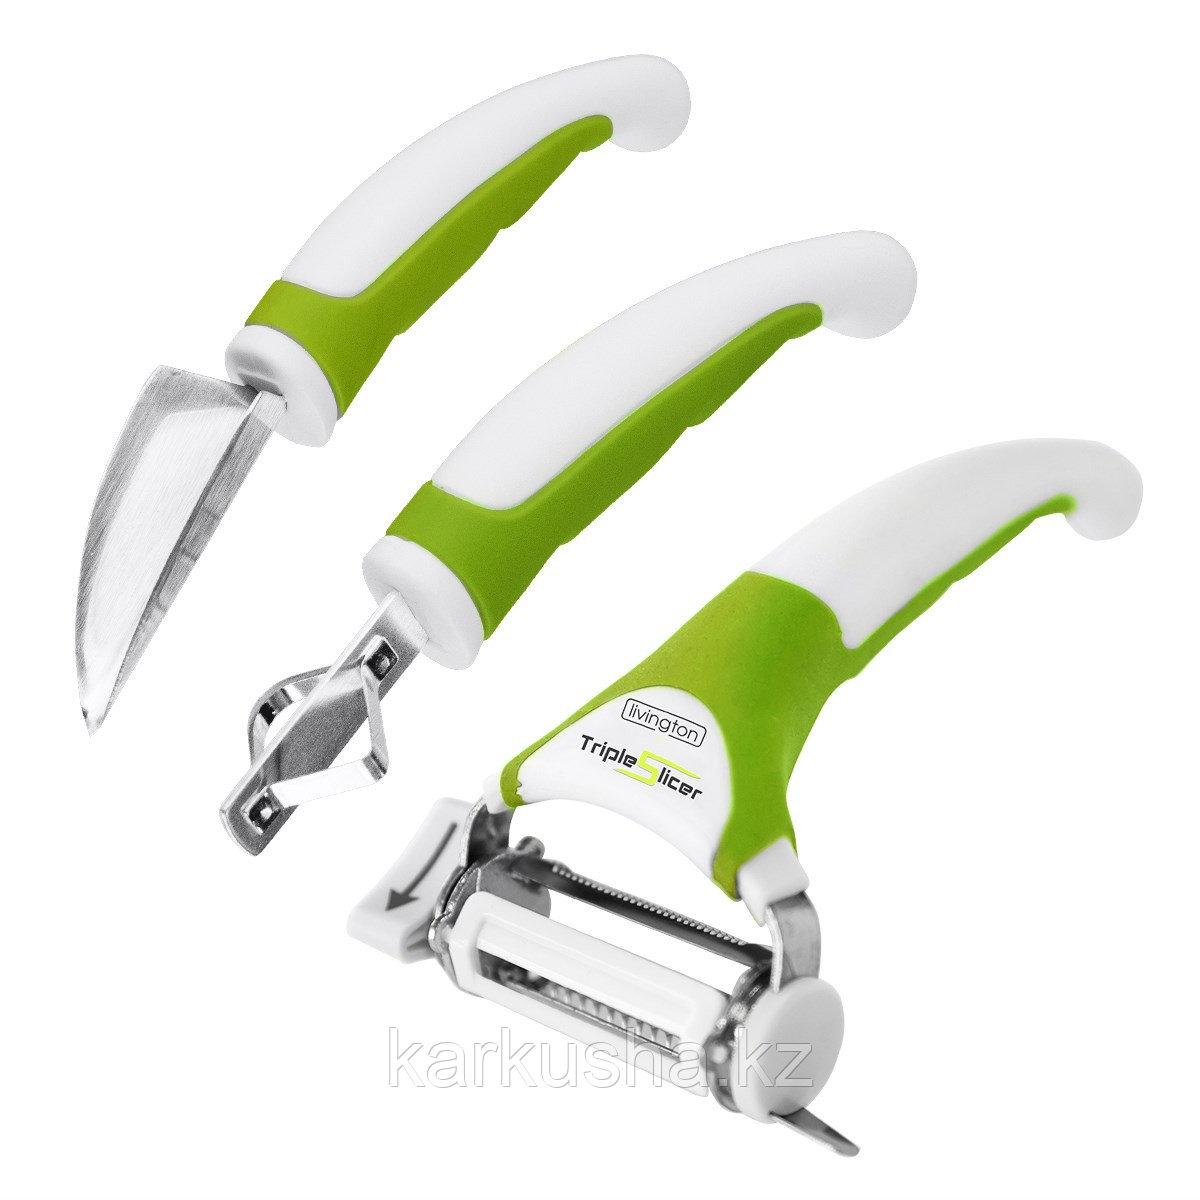 Triple Slicer 3 в 1  нож для чистки